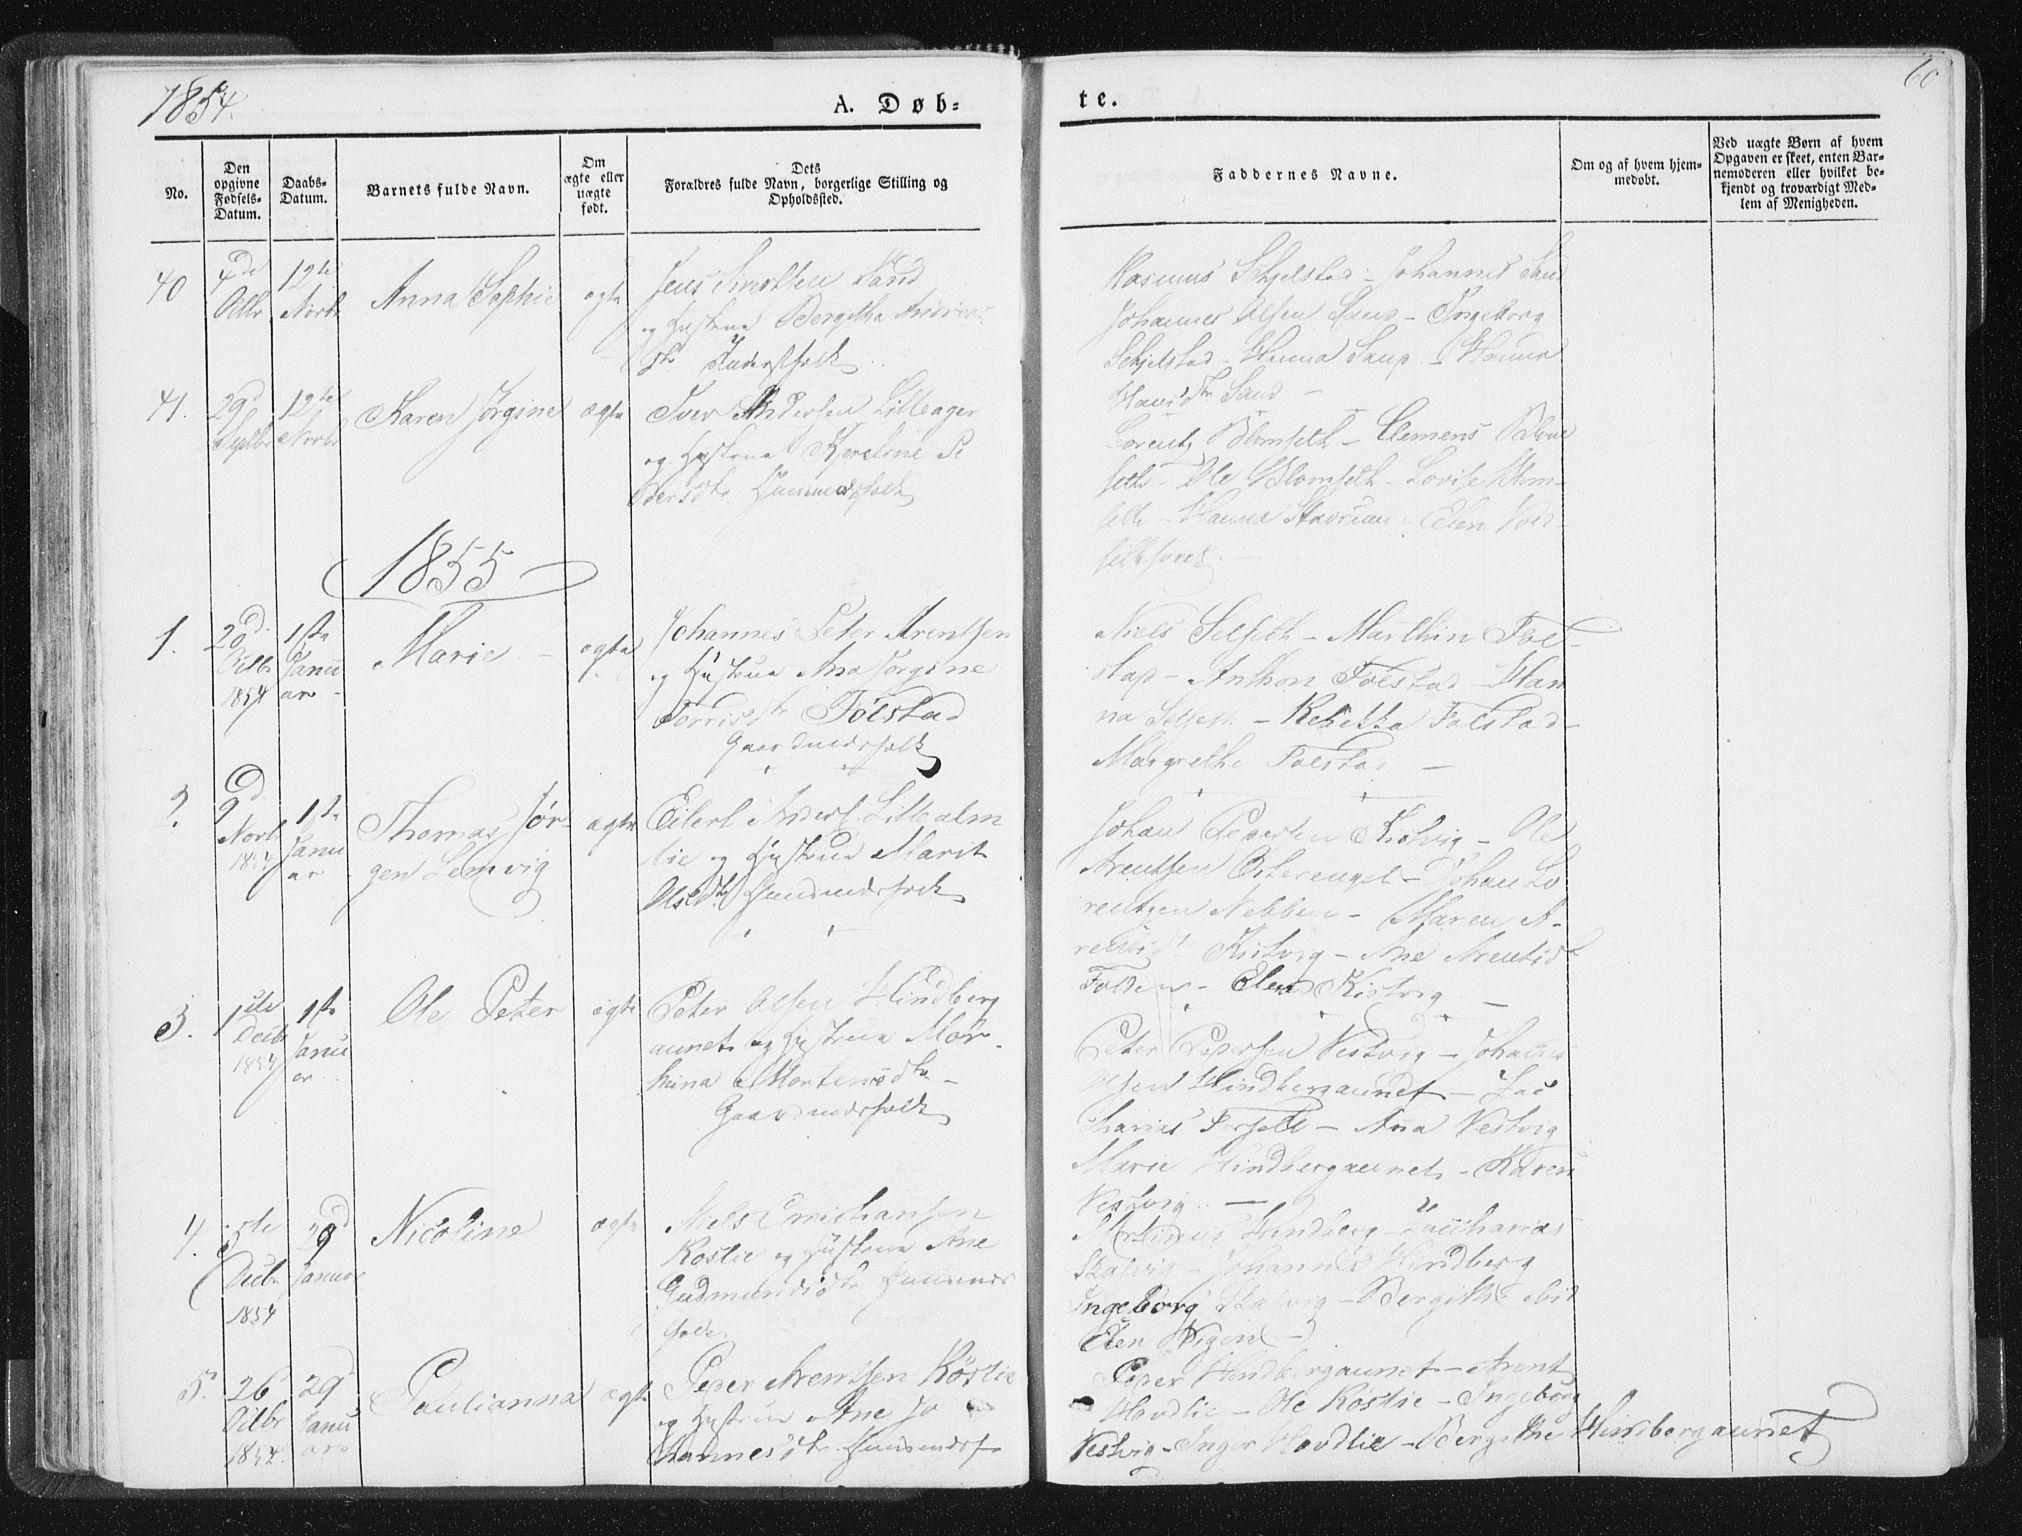 SAT, Ministerialprotokoller, klokkerbøker og fødselsregistre - Nord-Trøndelag, 744/L0418: Ministerialbok nr. 744A02, 1843-1866, s. 60